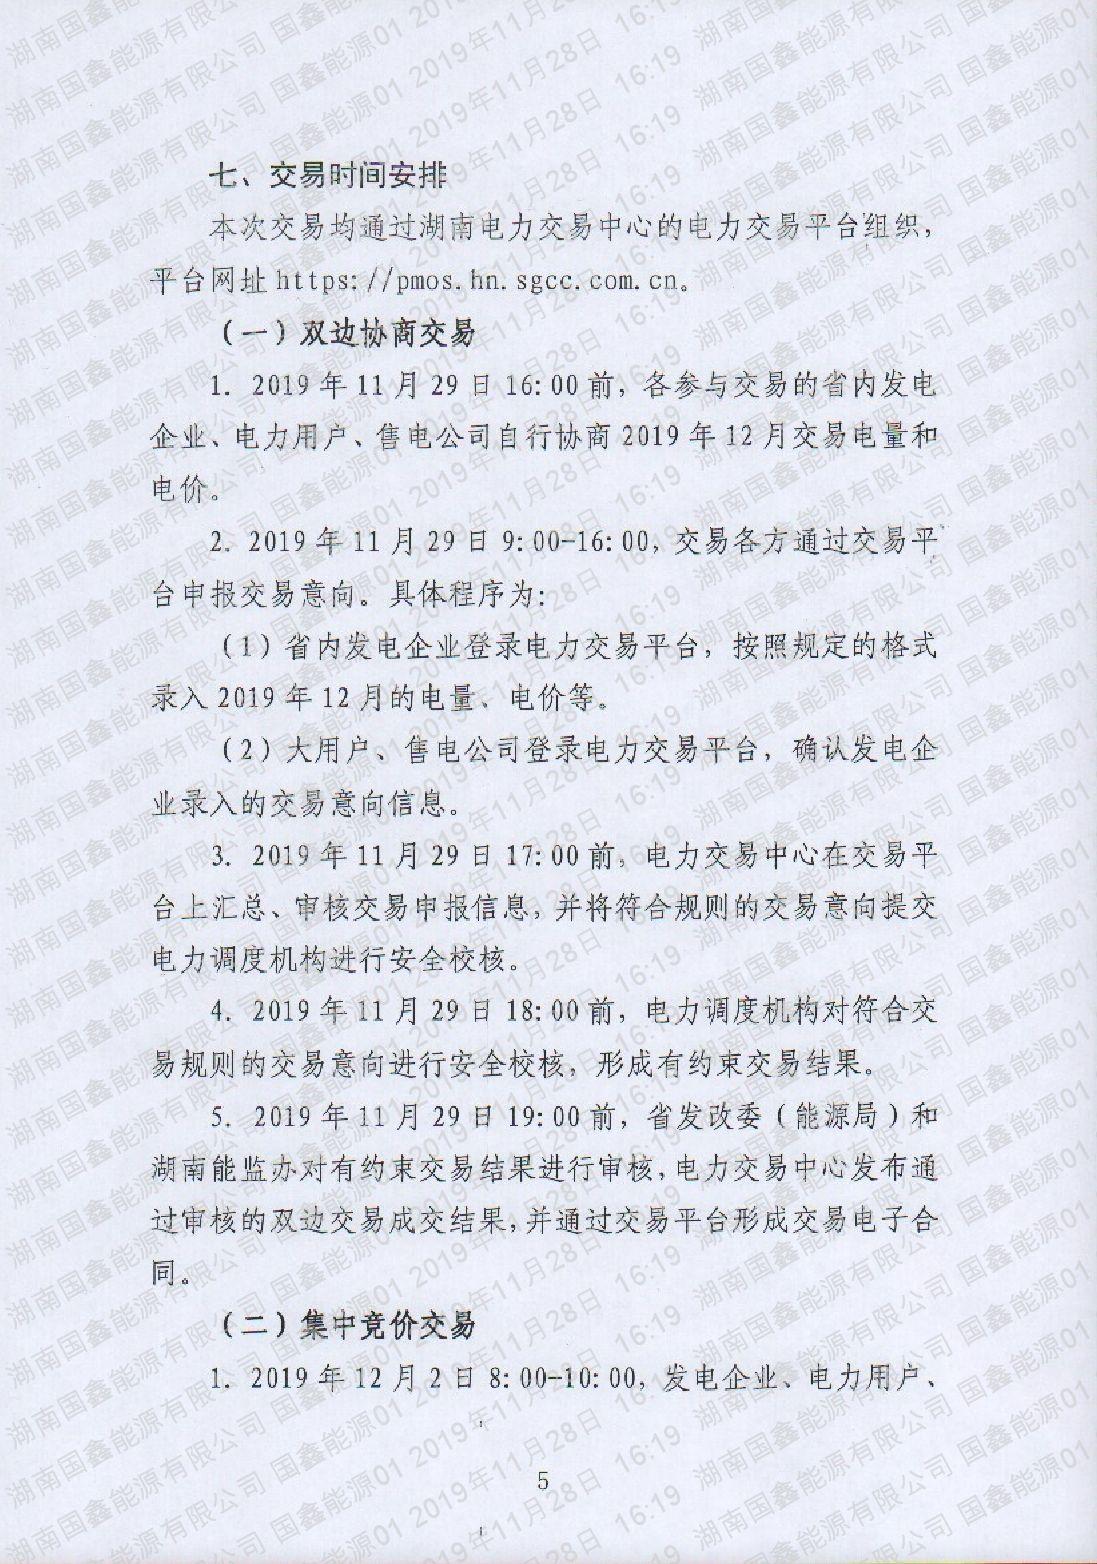 2019年第31號交易公告(12月月度交易).pdf_page_5_compressed.jpg